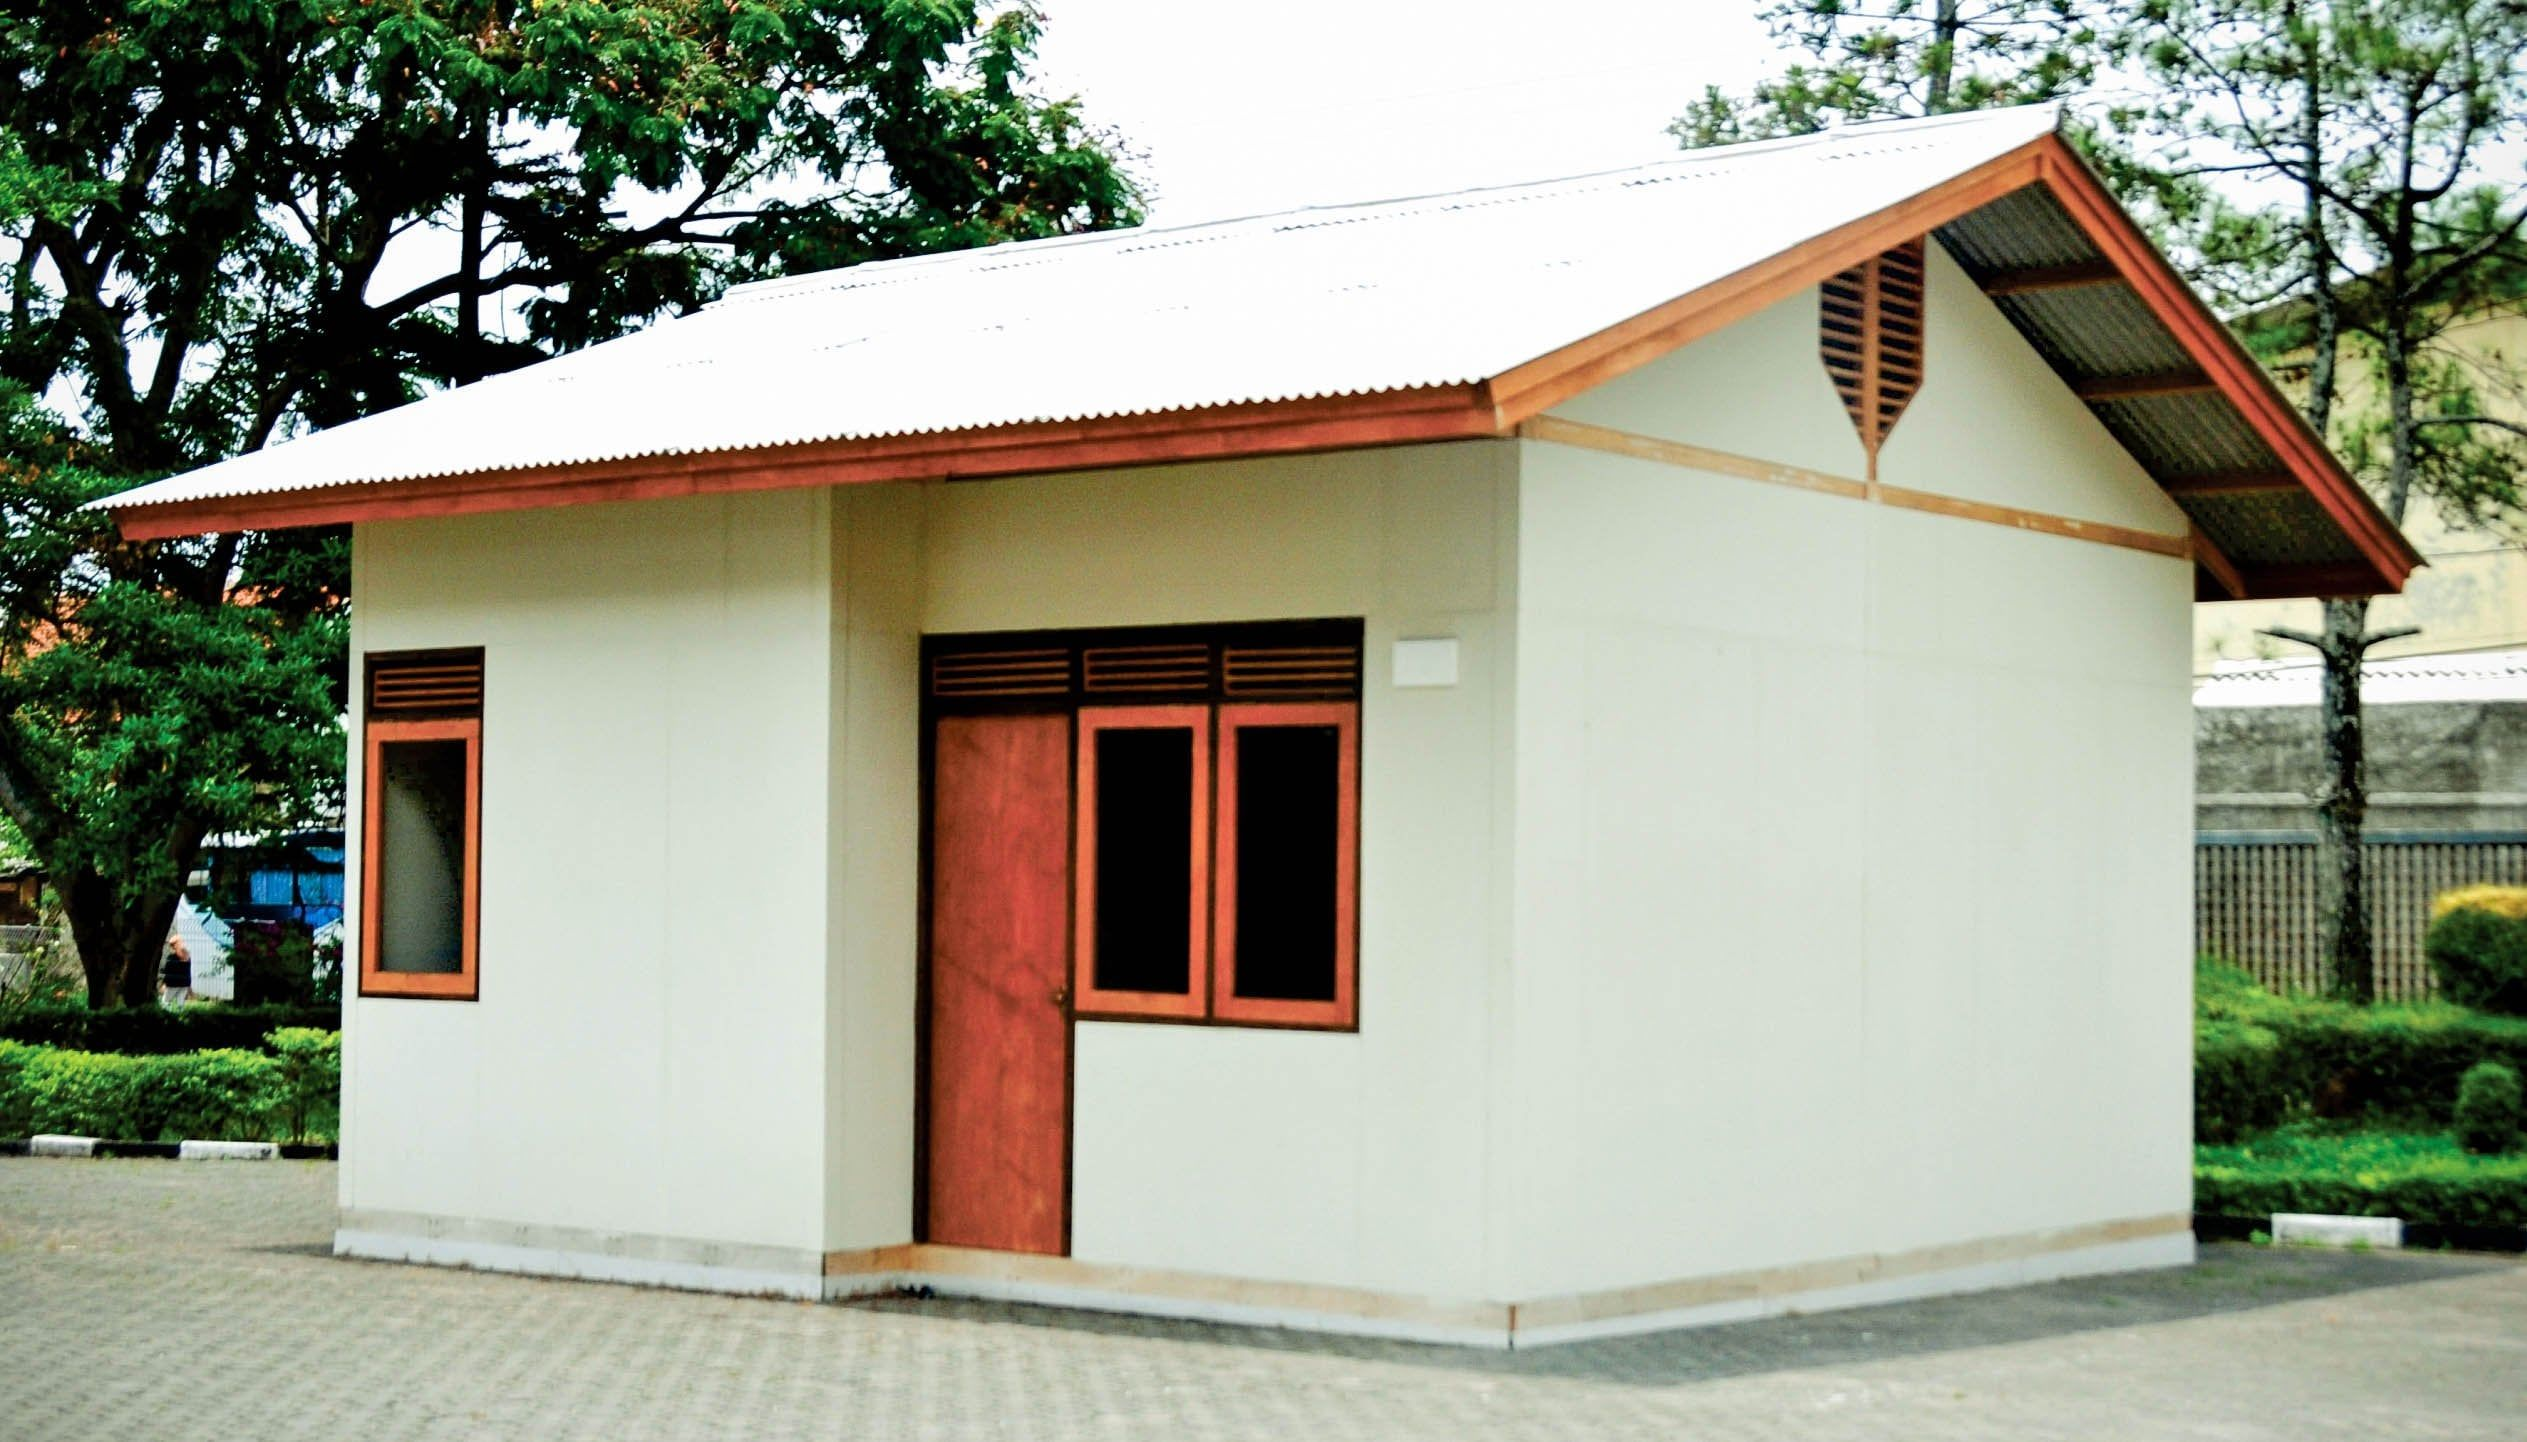 Desain Rumah Tahan Gempa Desain Rumah Rumah Desain Rumah Minimalis